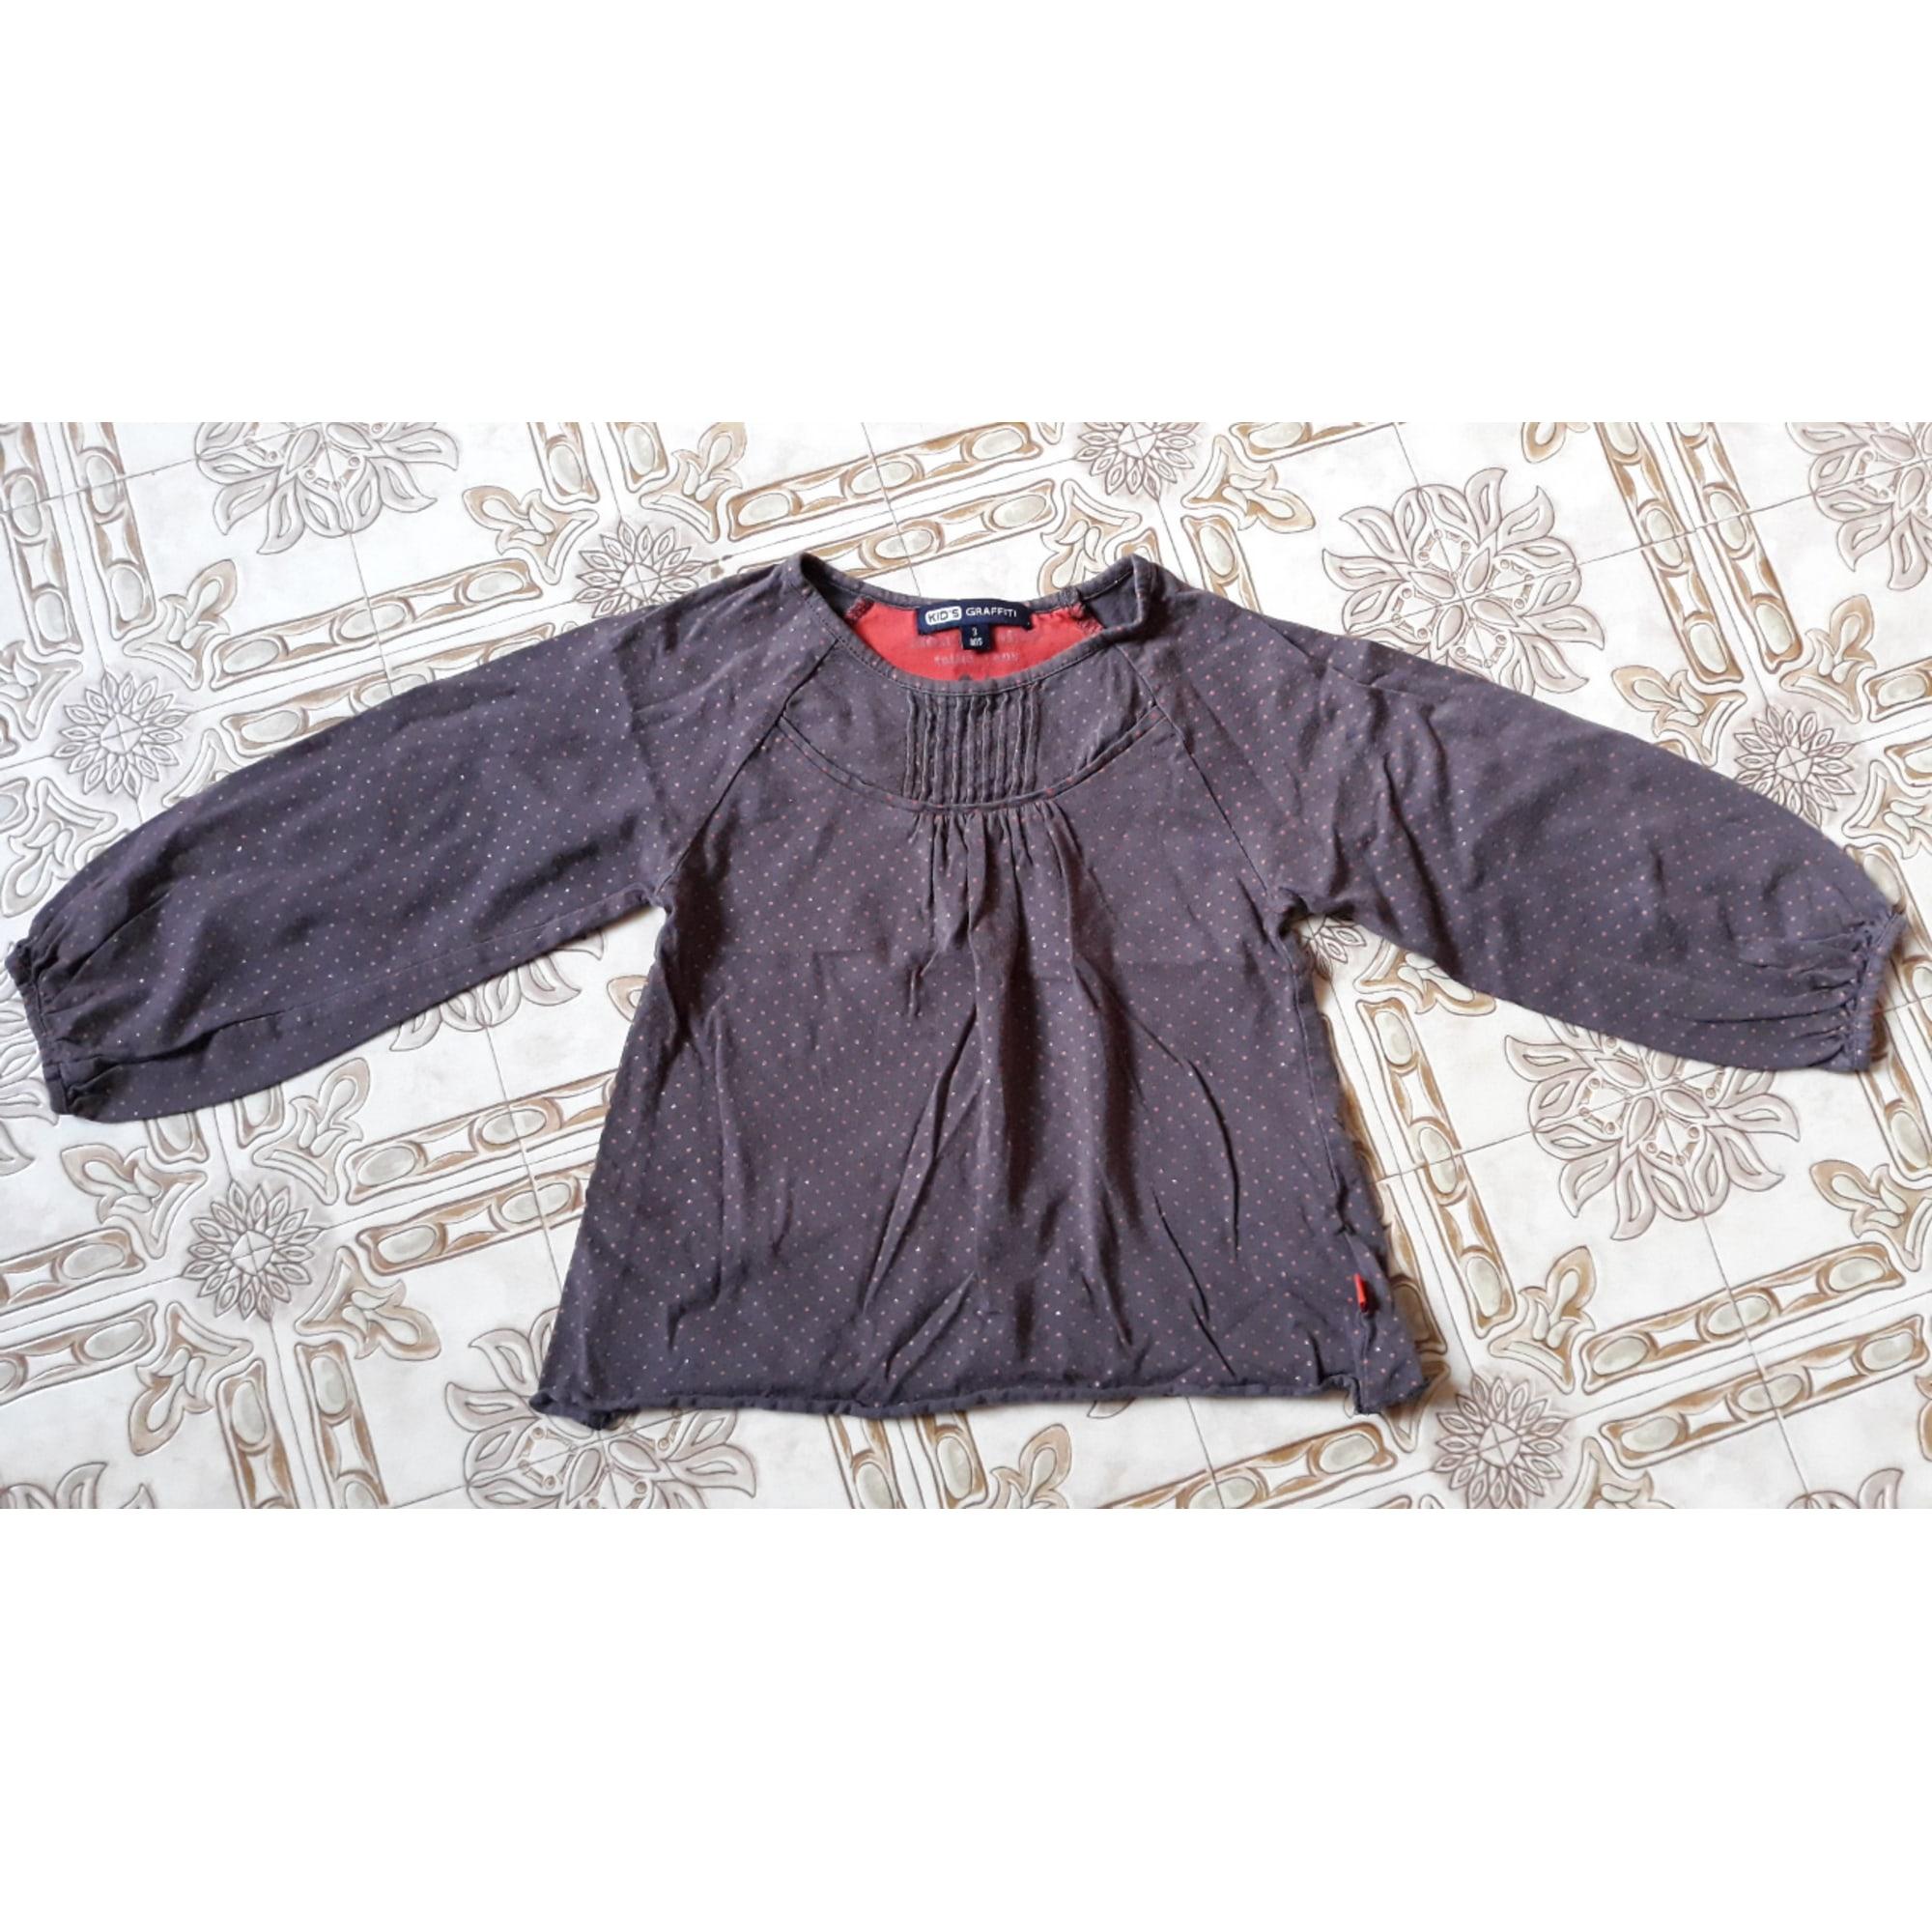 Top, Tee-shirt KID'S GRAFFITI Multicouleur